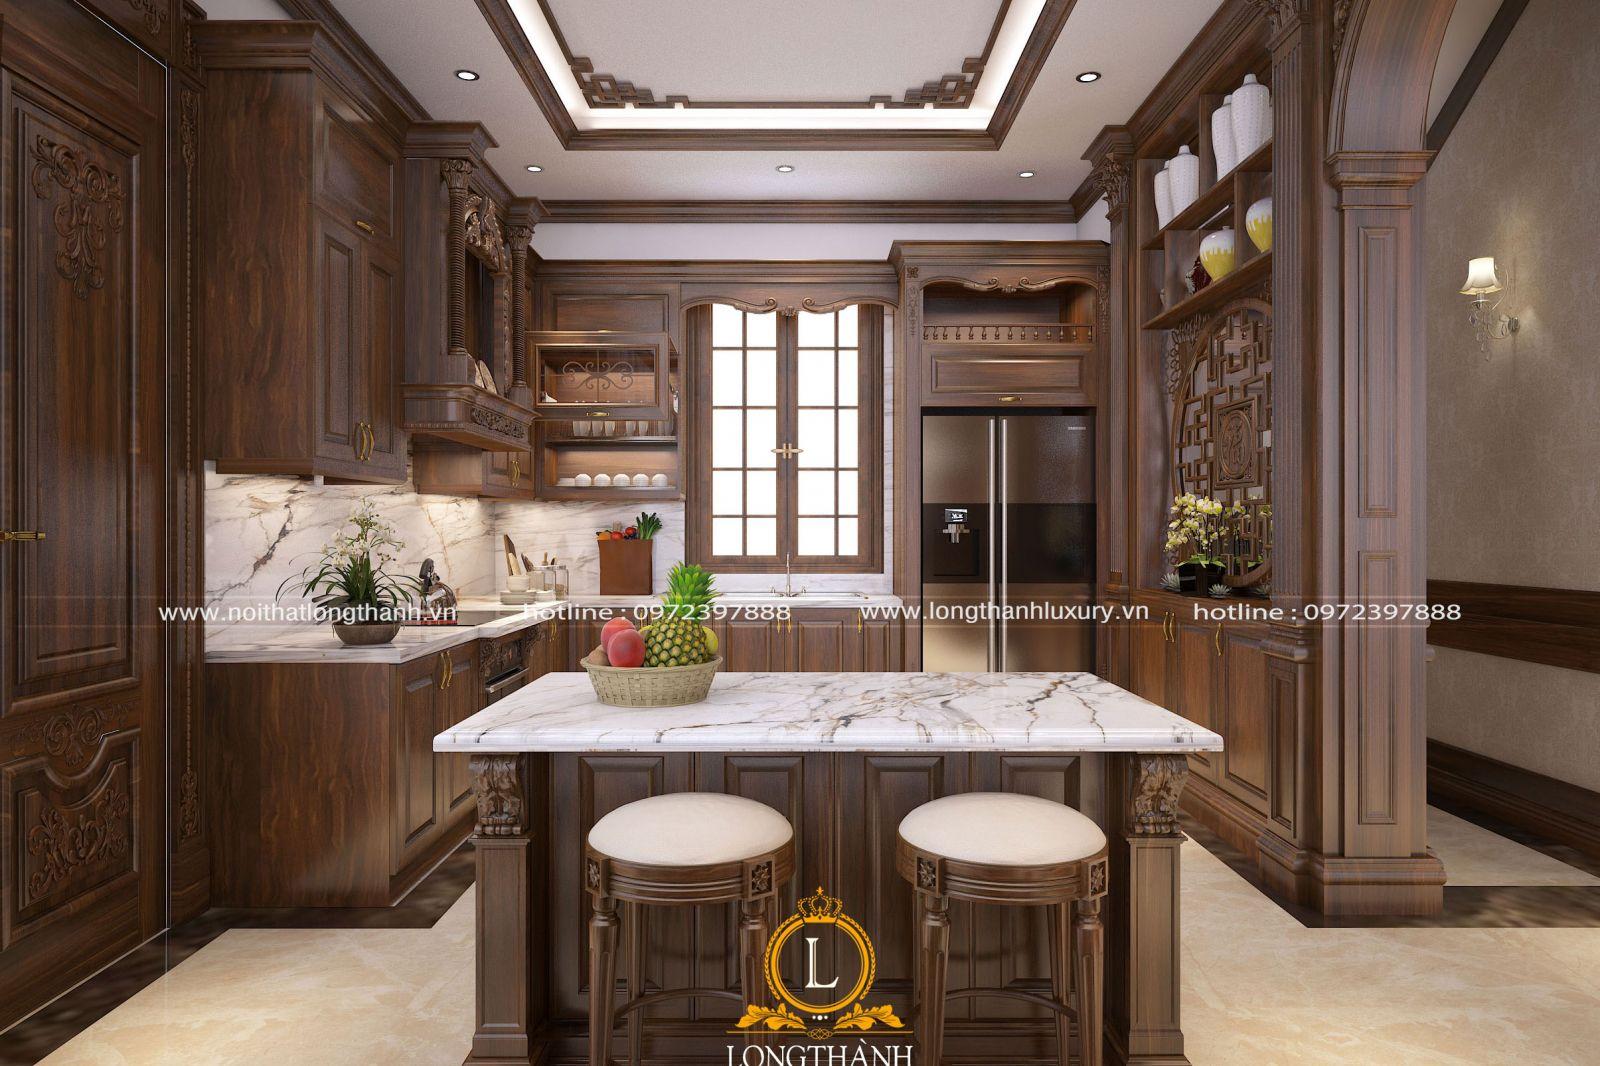 Bộ tủ bếp chữ U tân cổ điển đẹp với gỗ tự nhiên